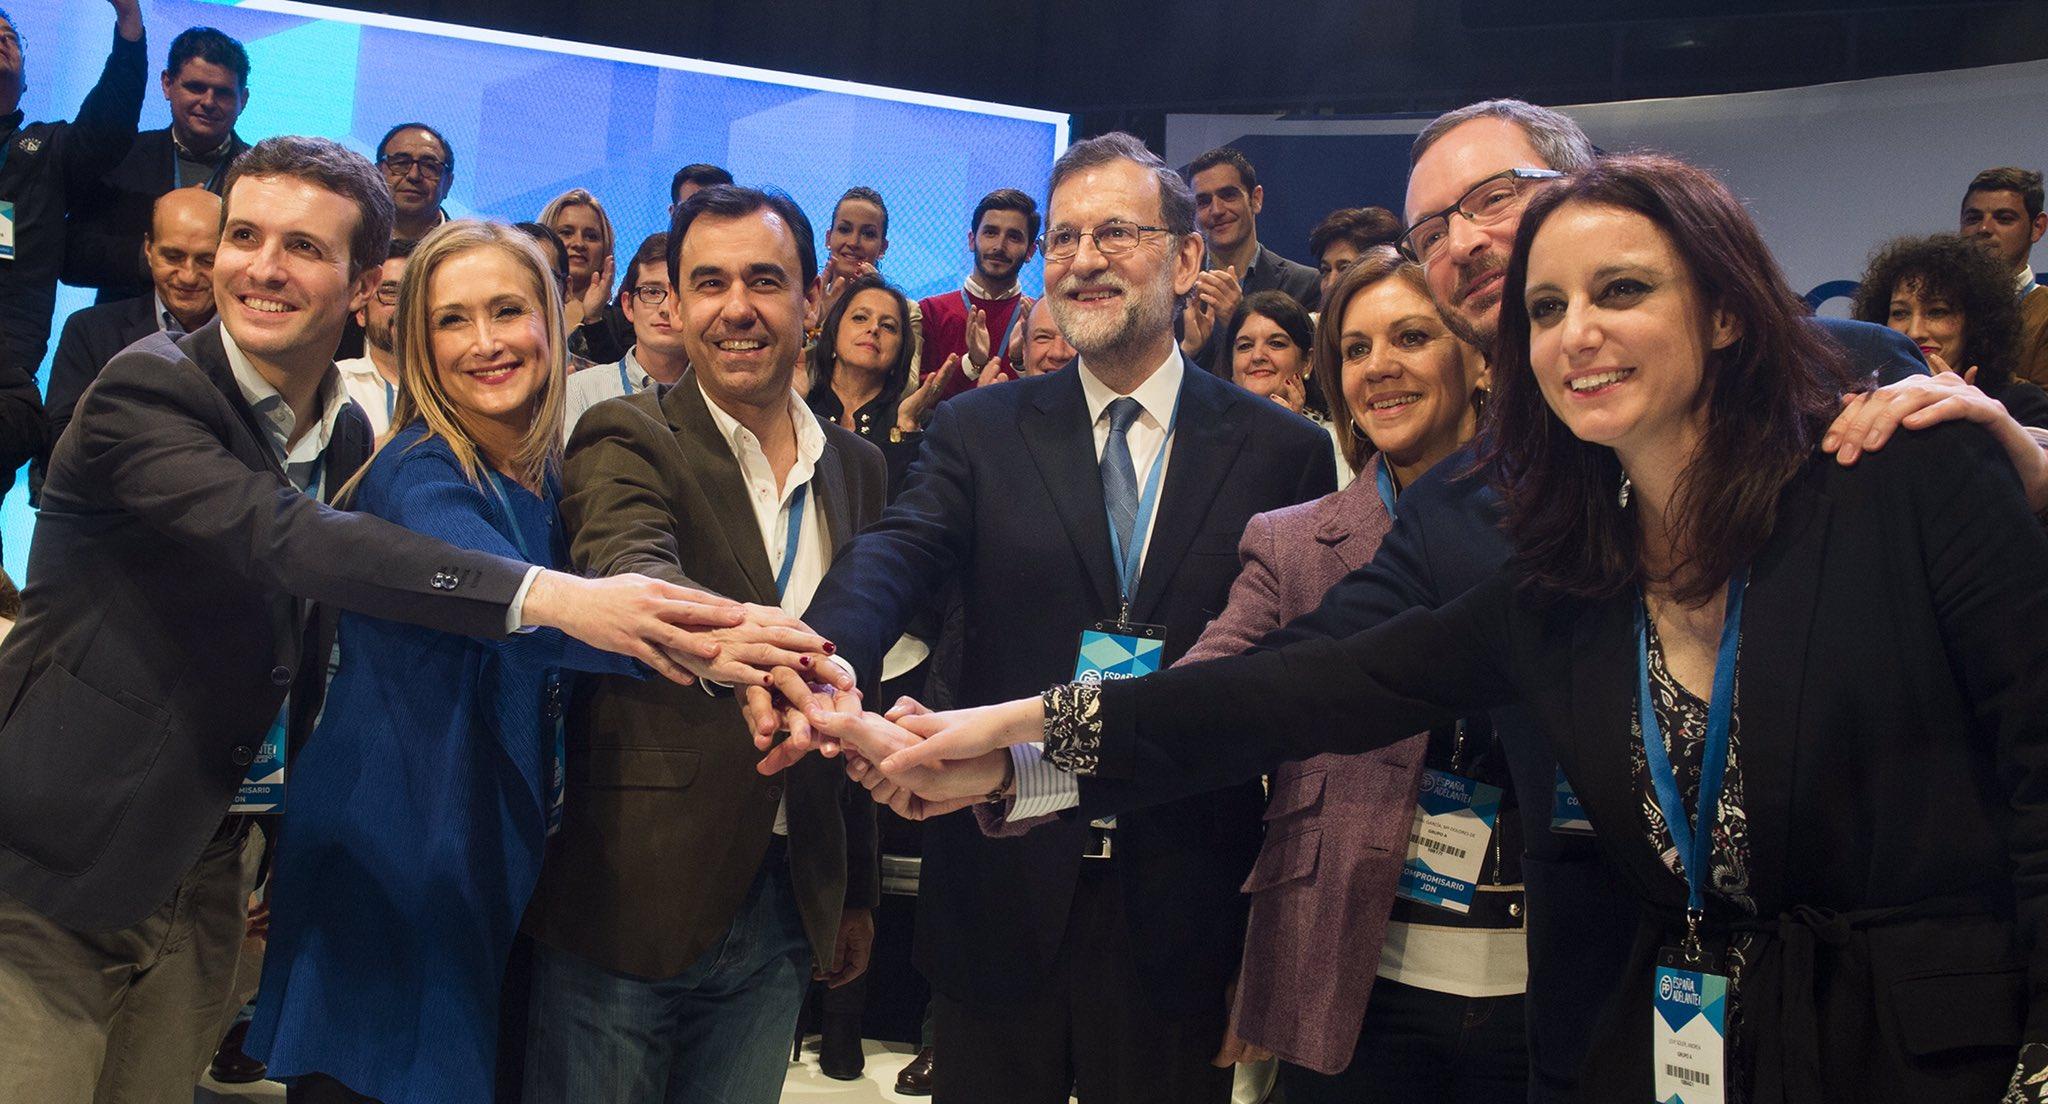 El hilo de Mariano Rajoy - Página 5 C4aaEEcWcAE_Ew4